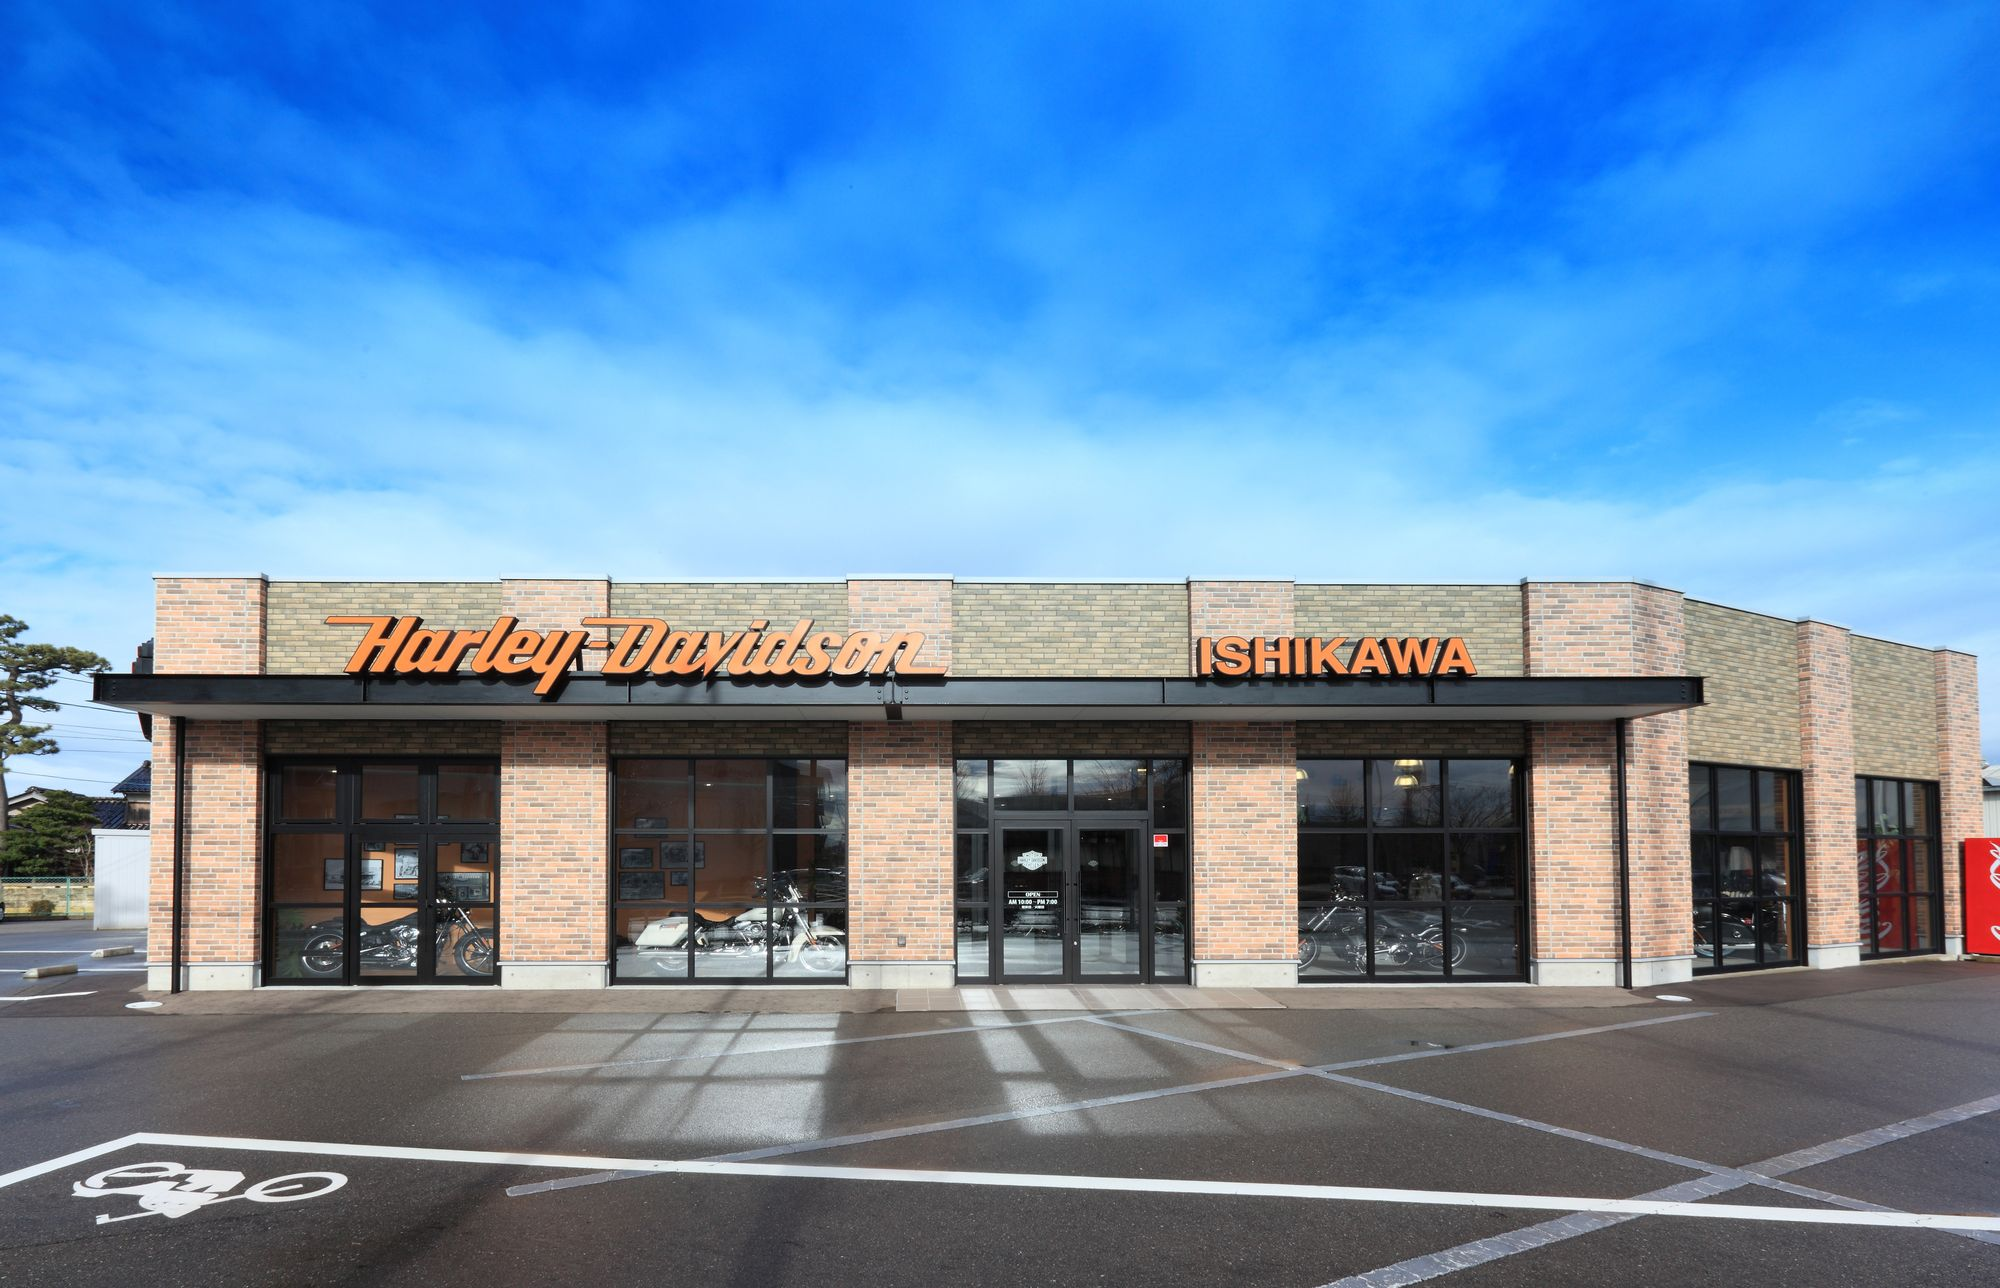 ハーレーダビッドソン石川 / Harley-Davidson<sup>®</sup> Ishikawa